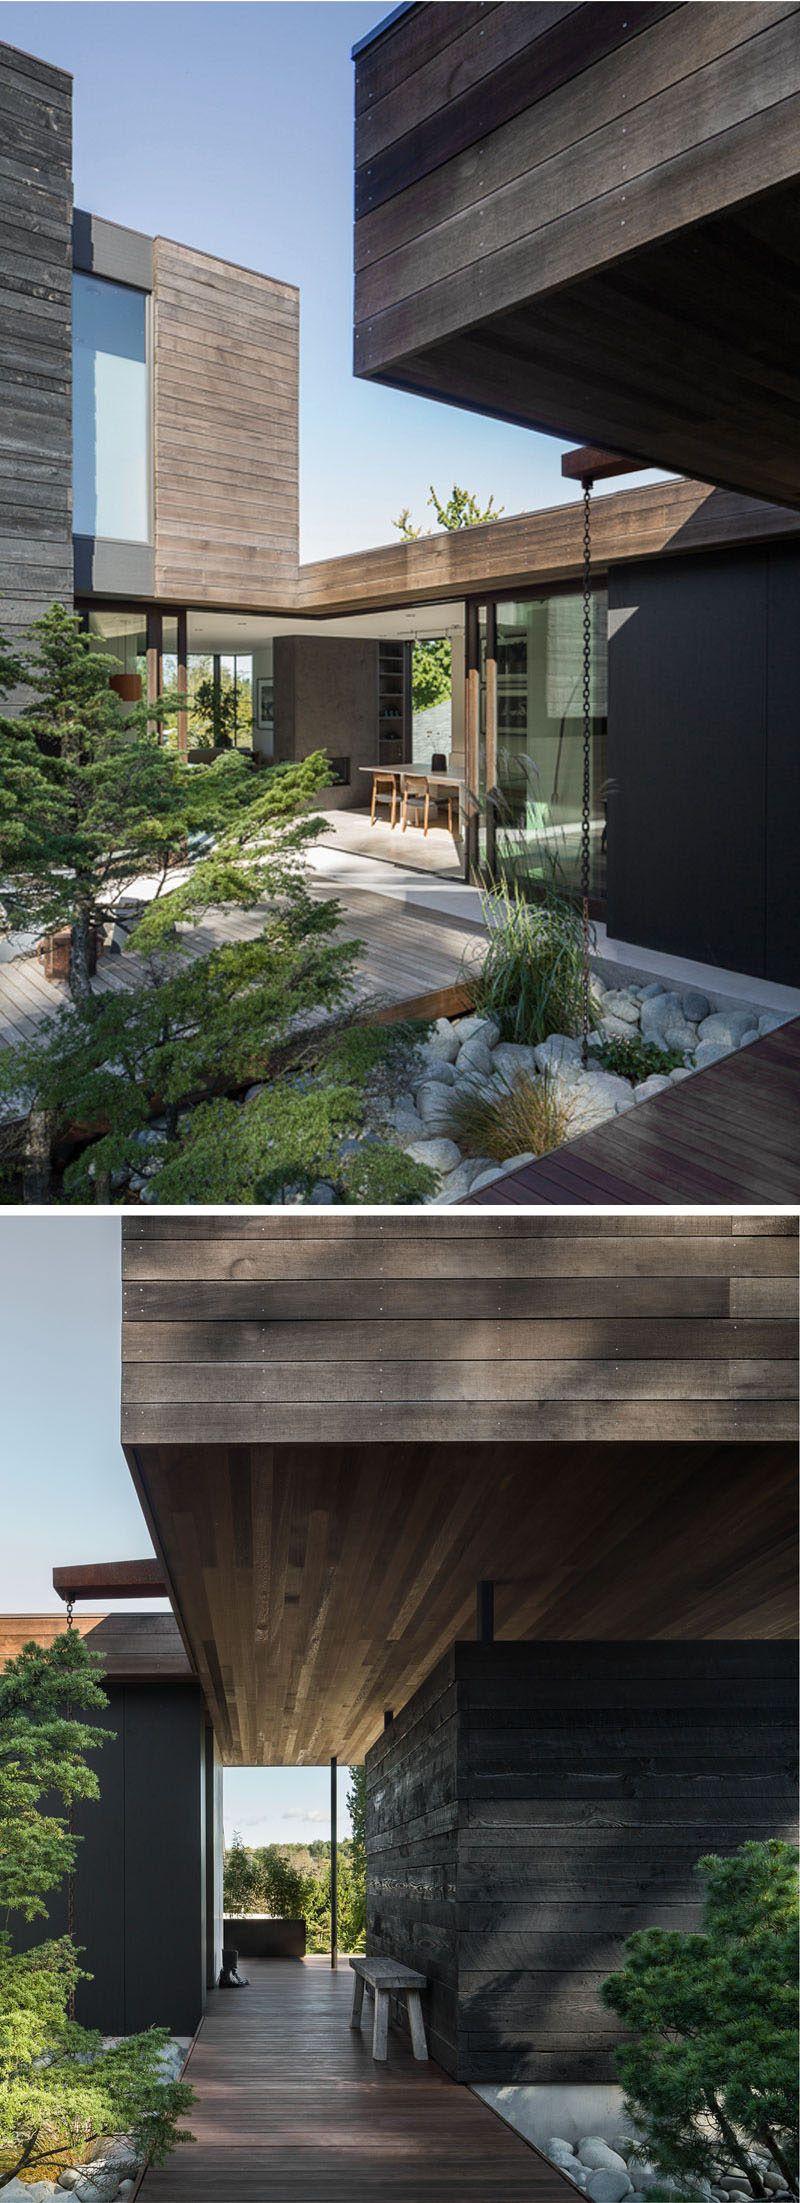 Arquitectura Fachadas De Casas Modernas Casas Modernas: The Interior Of This Seattle House Opens Up To A Small Courtyard